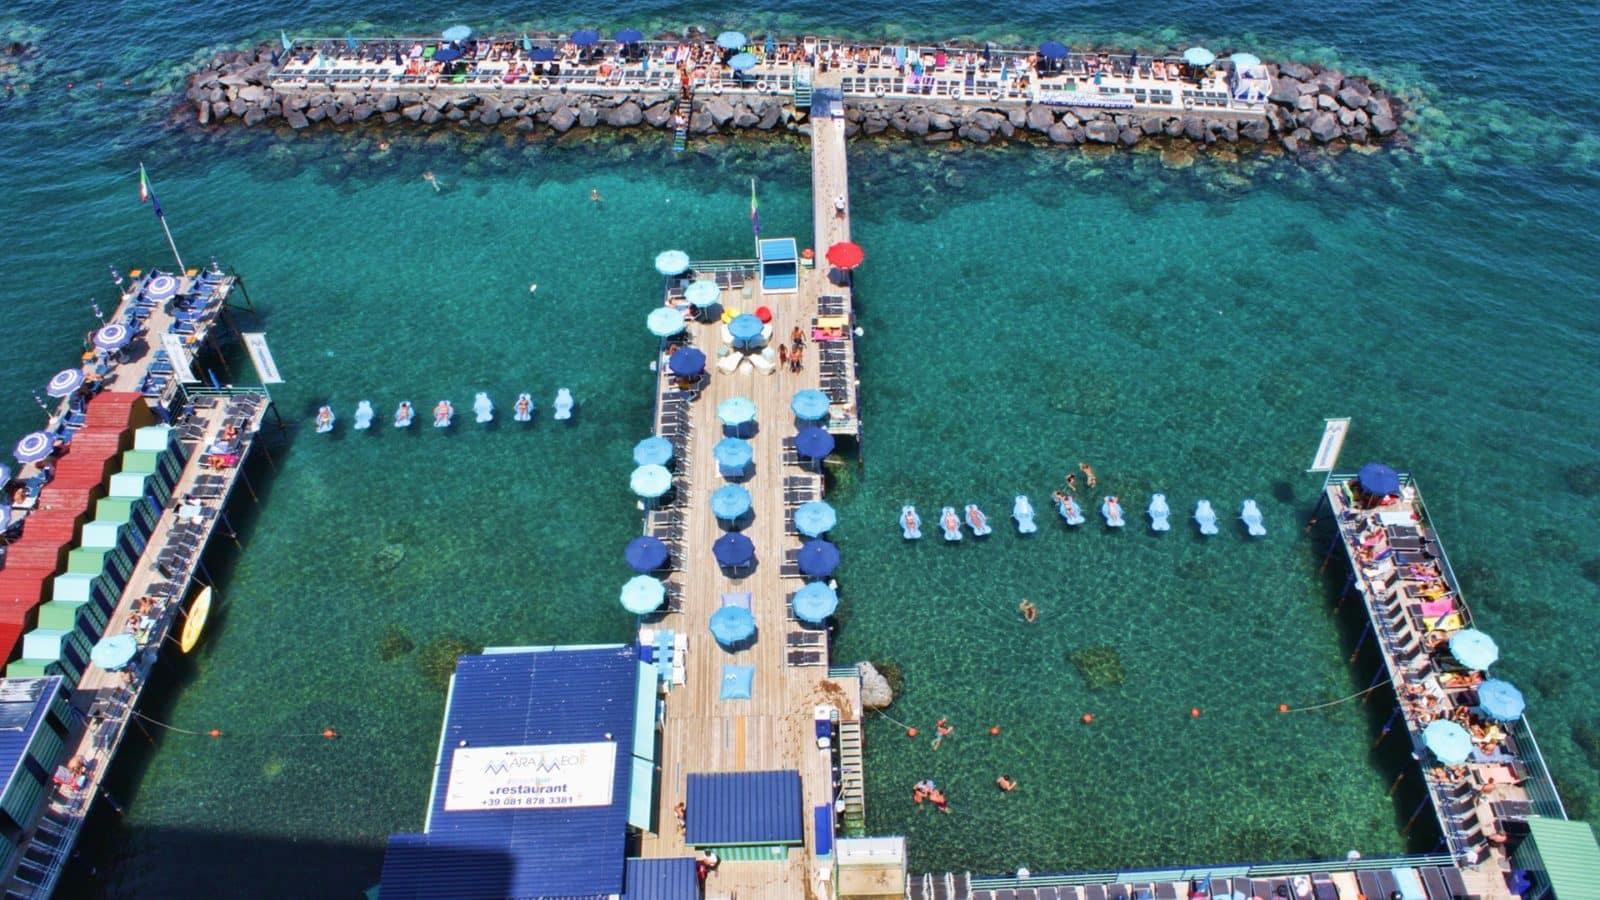 Spiaggia di Sorrento - Campania